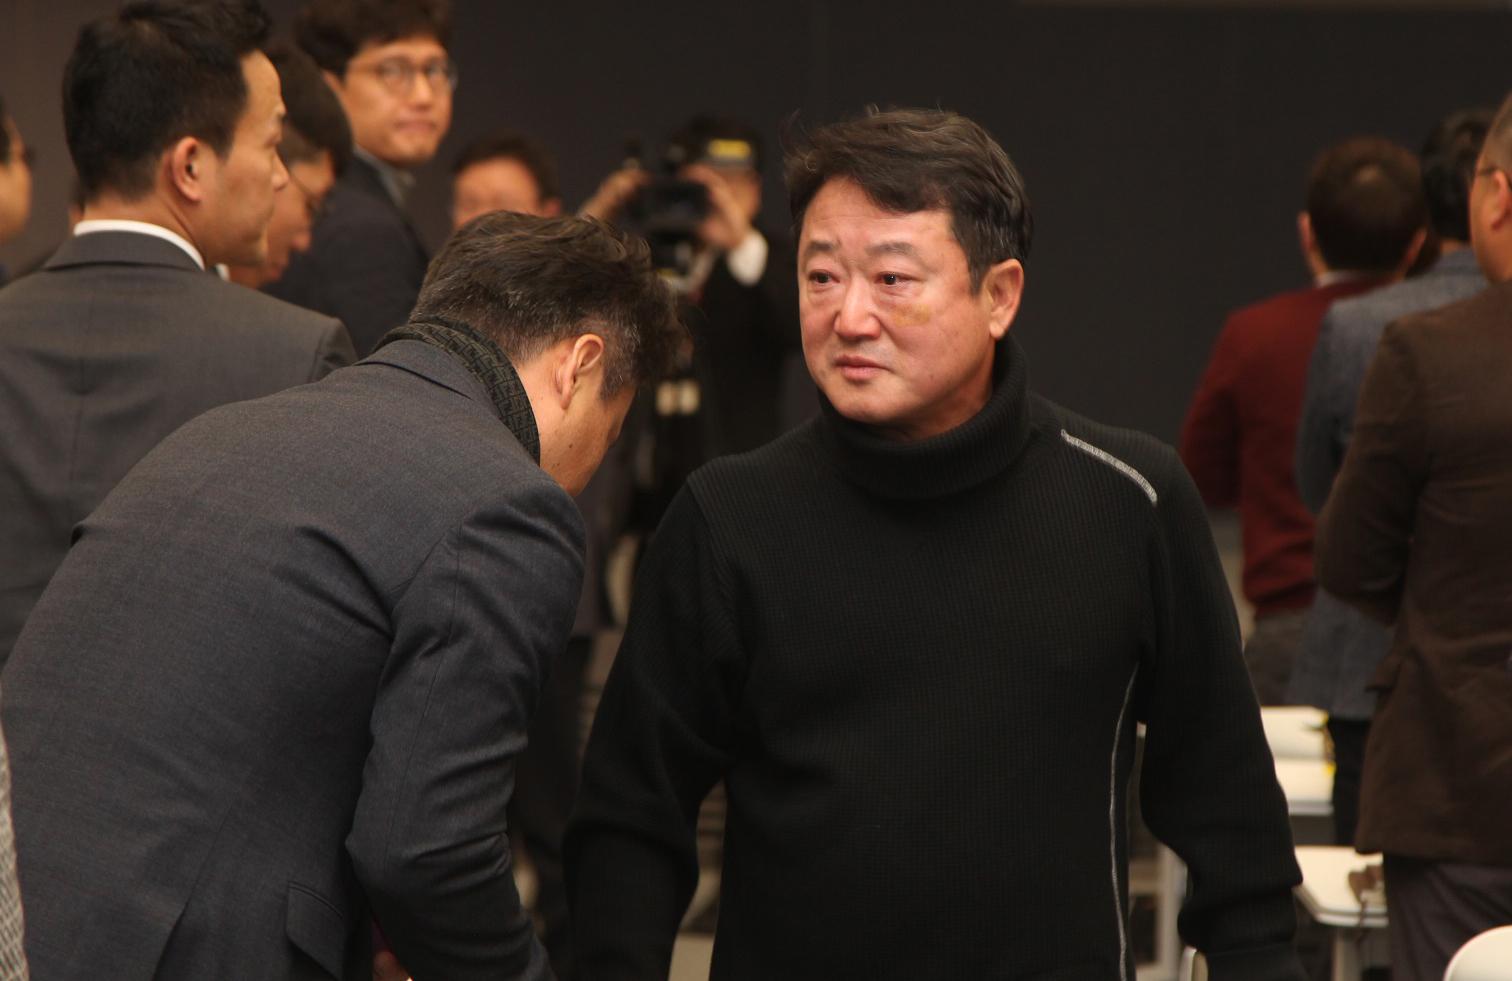 23년간 코오롱그룹을 이끌어온 이웅열 회장이 28일 오전 서울 마곡동 코오롱원앤온리타워에서 퇴임을 발표 후 임직원과 인사하며 눈물을 글썽이고 있다. [코오롱그룹 제공=연합뉴스]